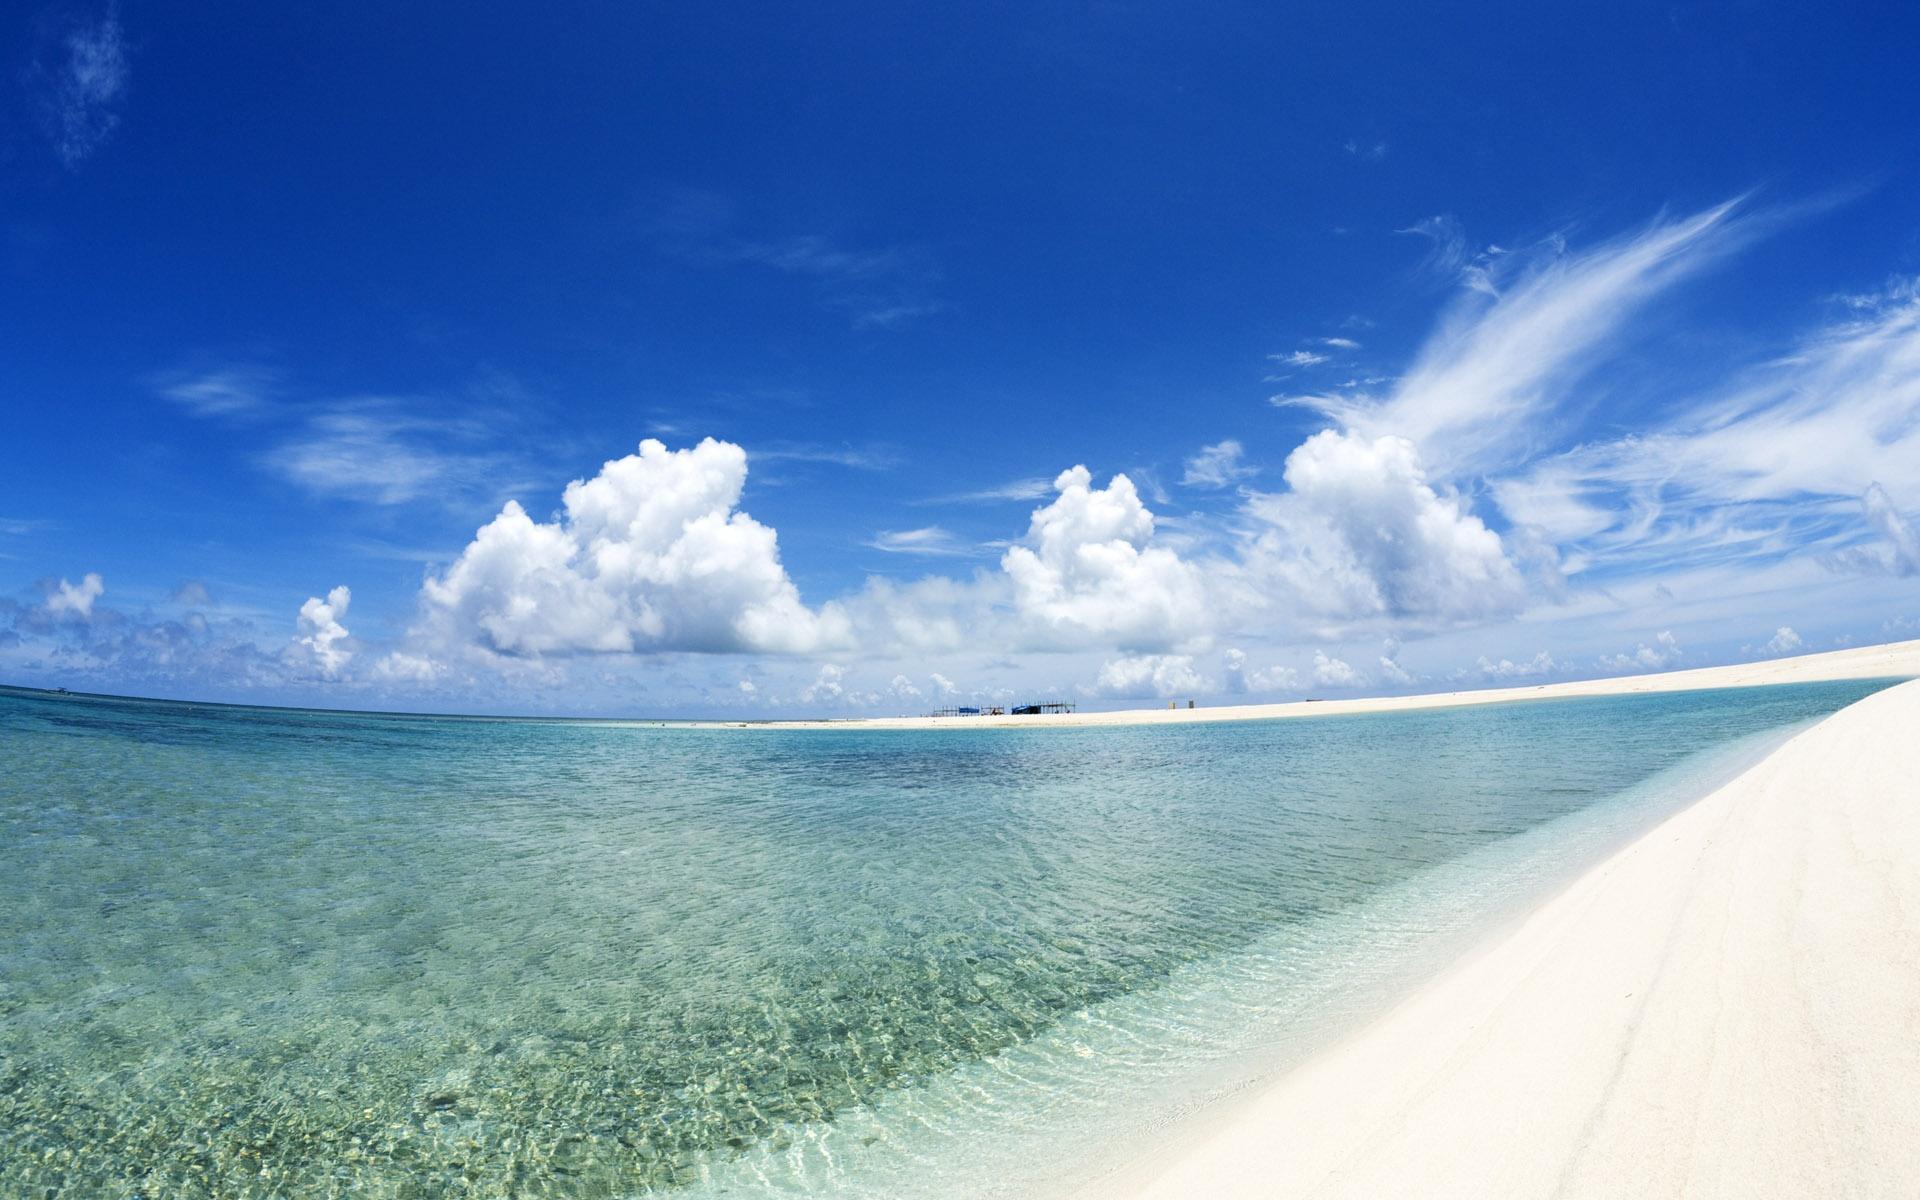 песок пляж лужи небо корабли загрузить